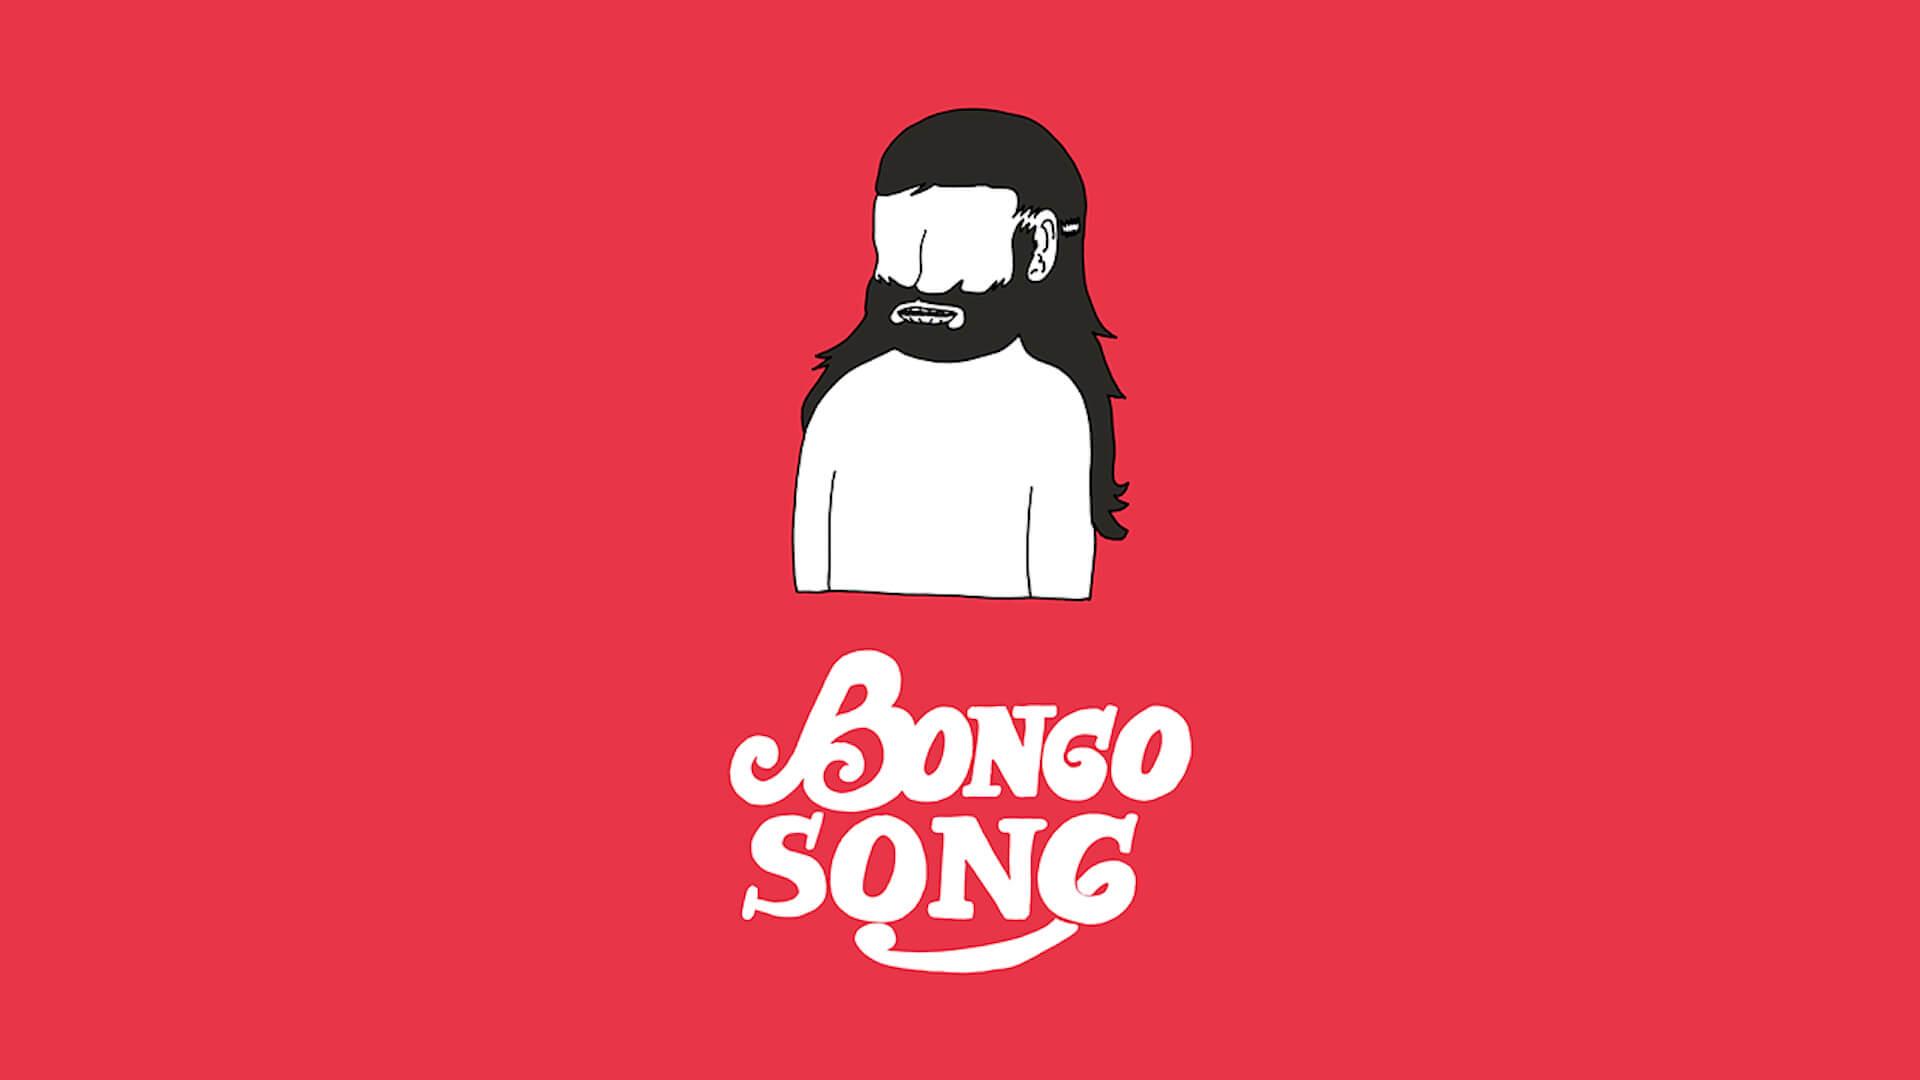 """KONCOSが今秋発表のアルバムからZONGAMINの楽曲をカバーした""""Bongo Song""""をリリース!MVも公開 music200617_koncos_mv_02"""